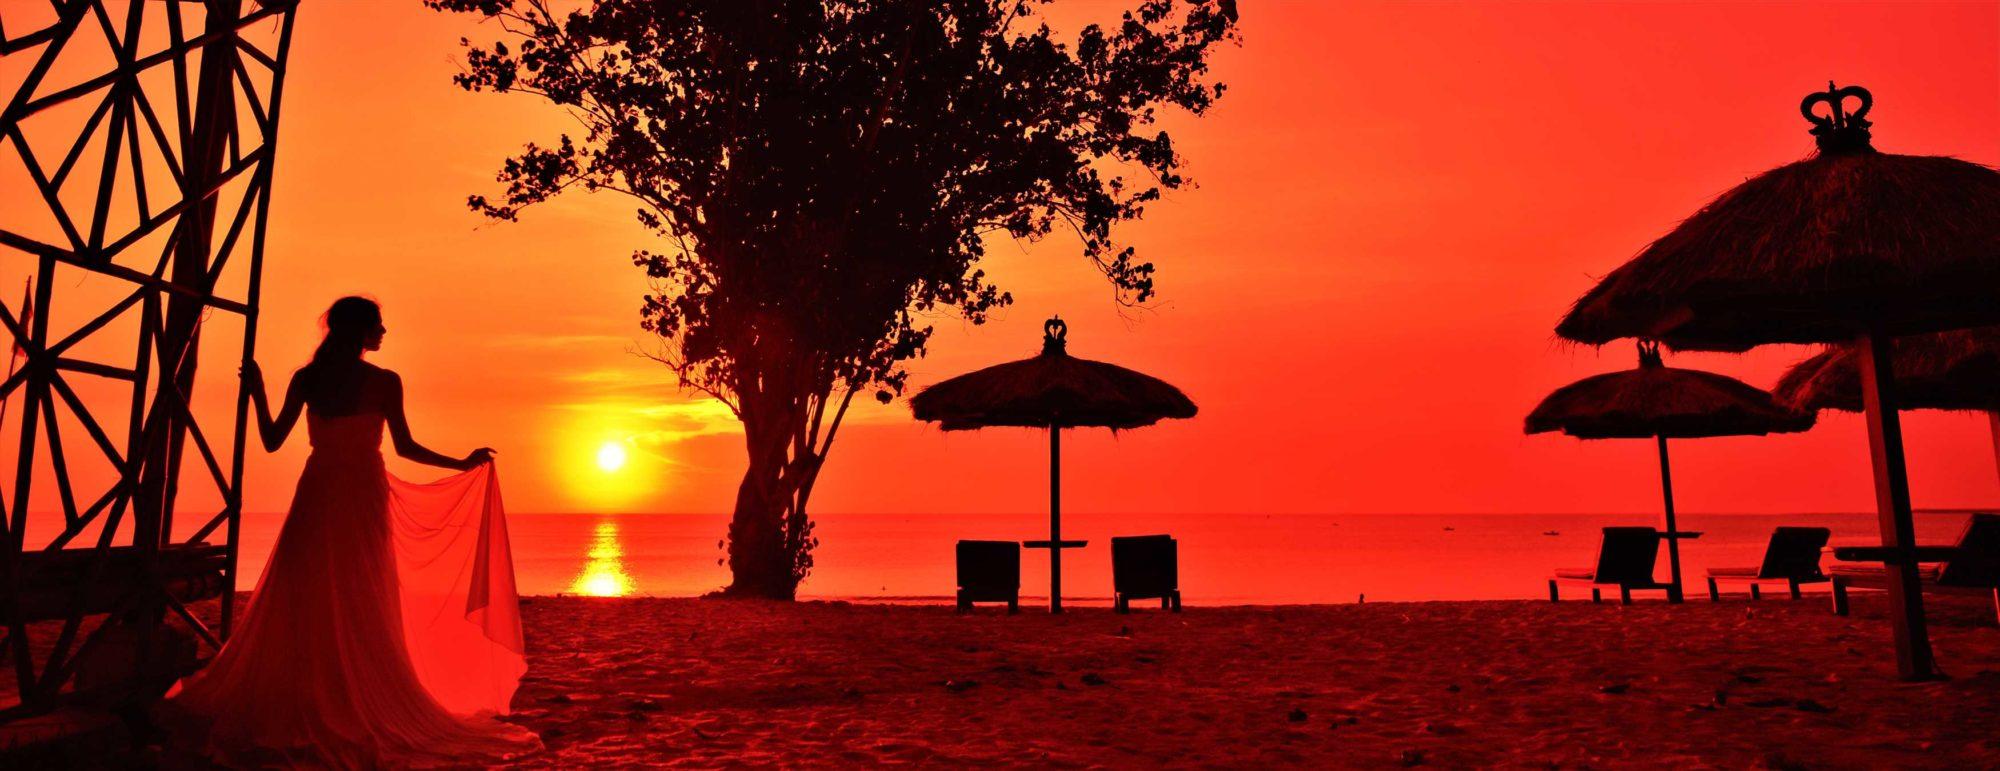 バリ島サンセット・フォトウェディング Belmond Jimbara Puri Bali ベルモンド・ジンバラン・プリ・バリ